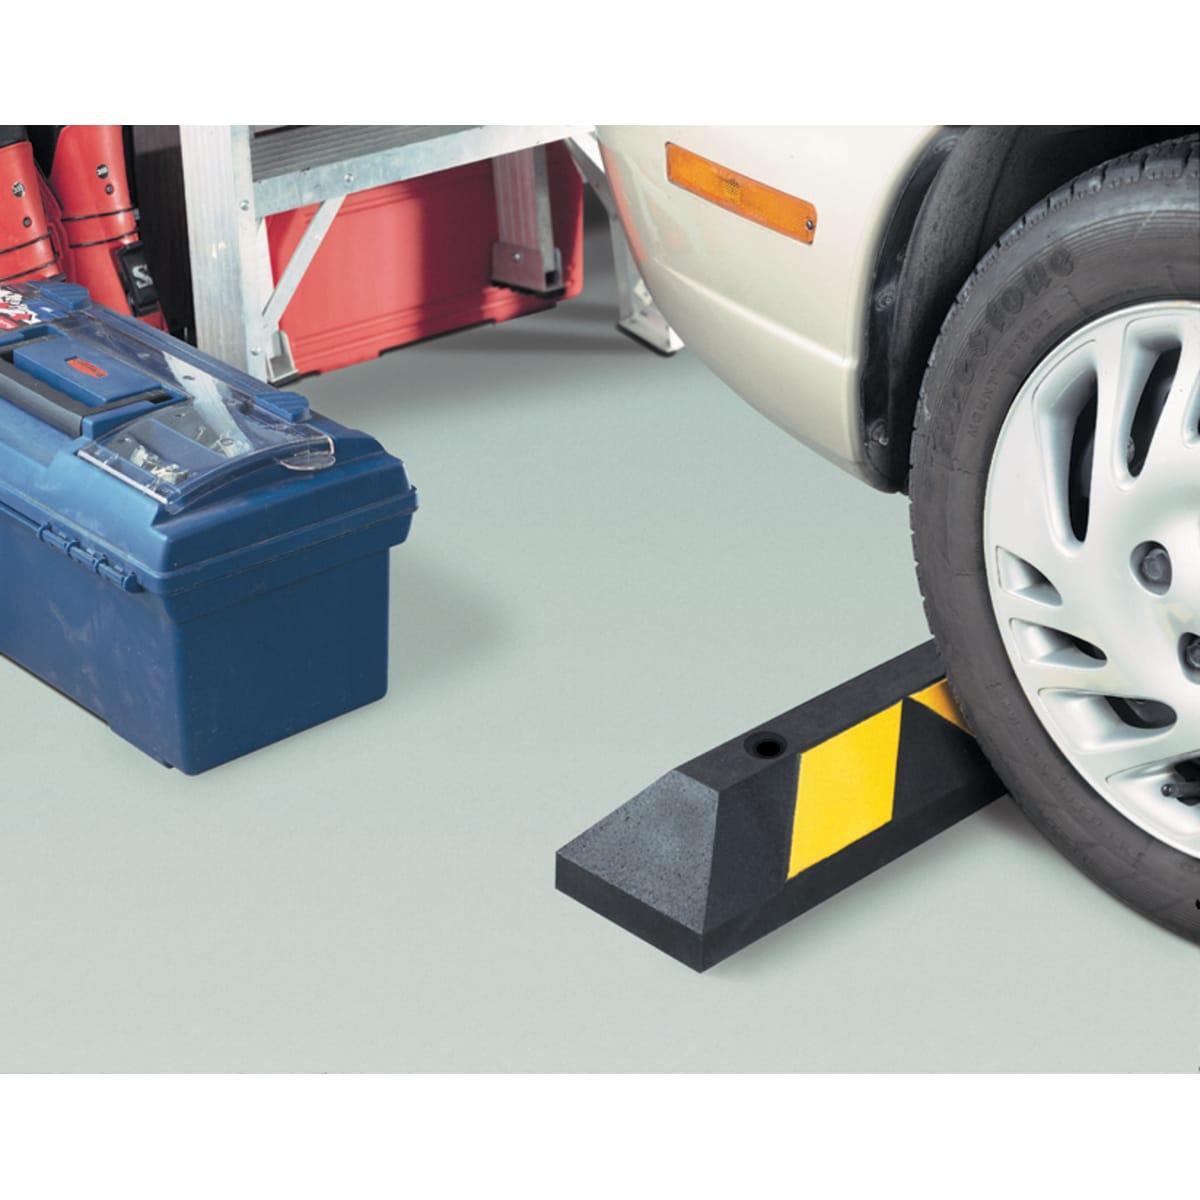 Garage Parking Stop >> Garage Parking Aid Car Stop